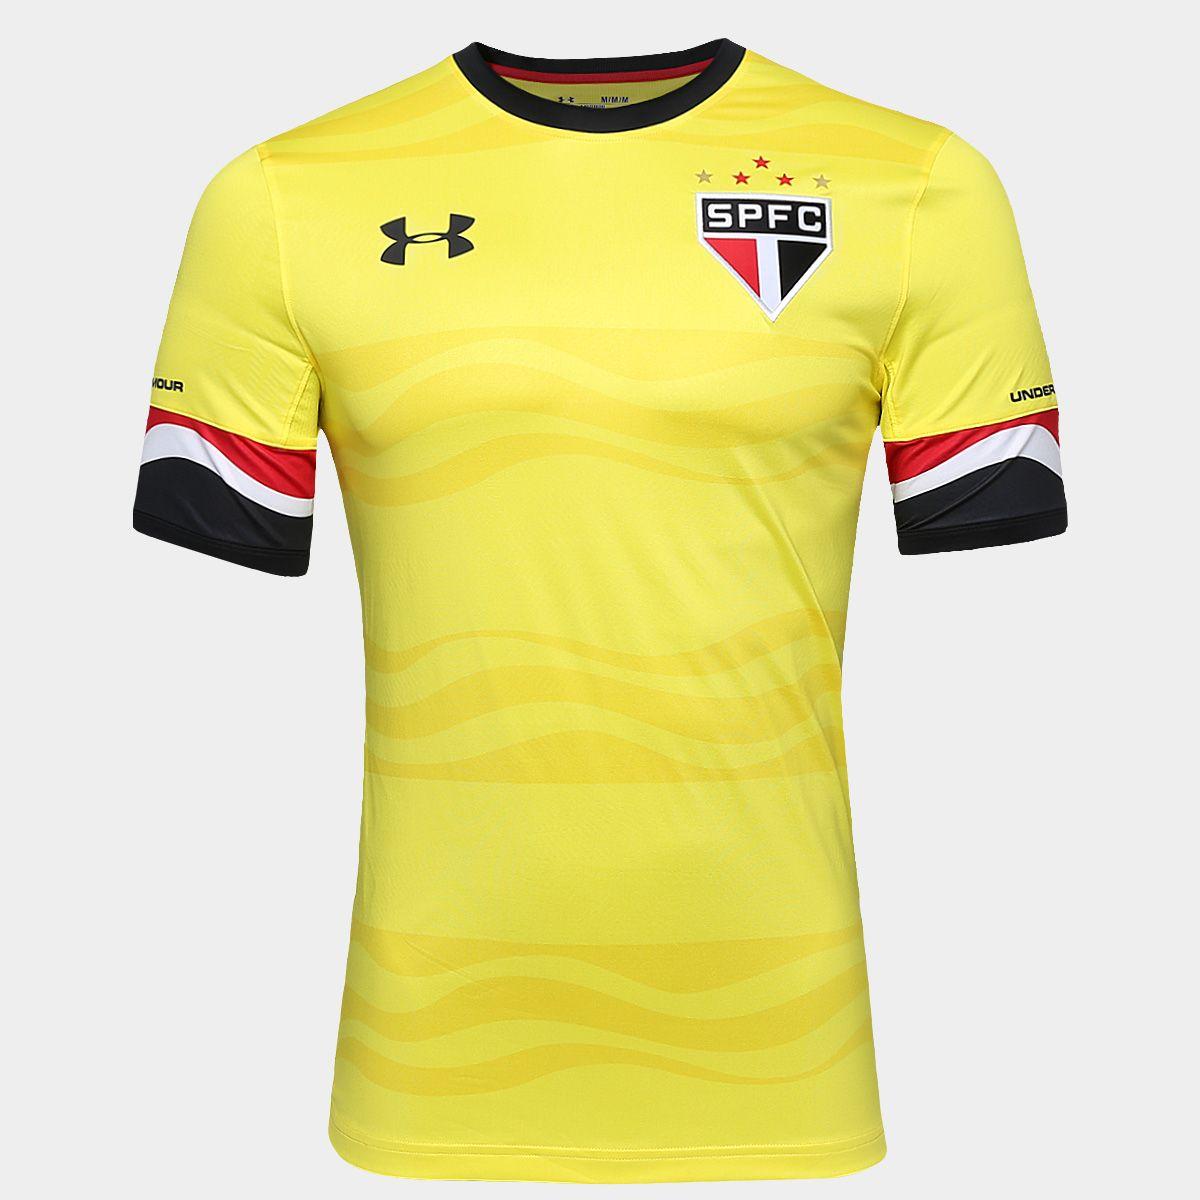 d4cb003d53d Camisa Under Armour São Paulo III 16 17 s nº - Jogador - Amarelo+ ...